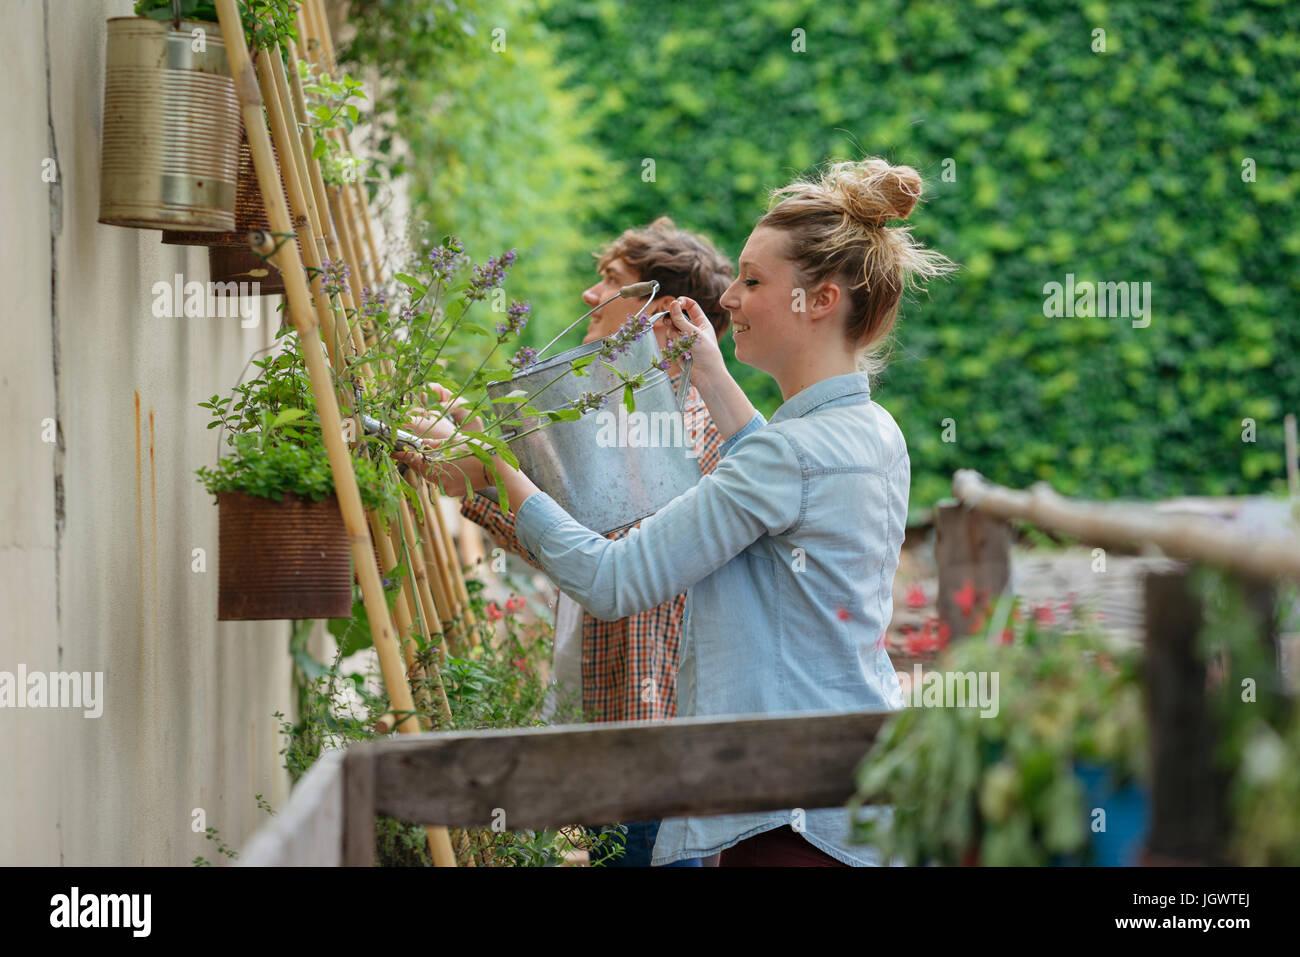 Giovane uomo e donna tendente a piante che crescono in lattine, giovane donna impianti di irrigazione utilizzando Immagini Stock